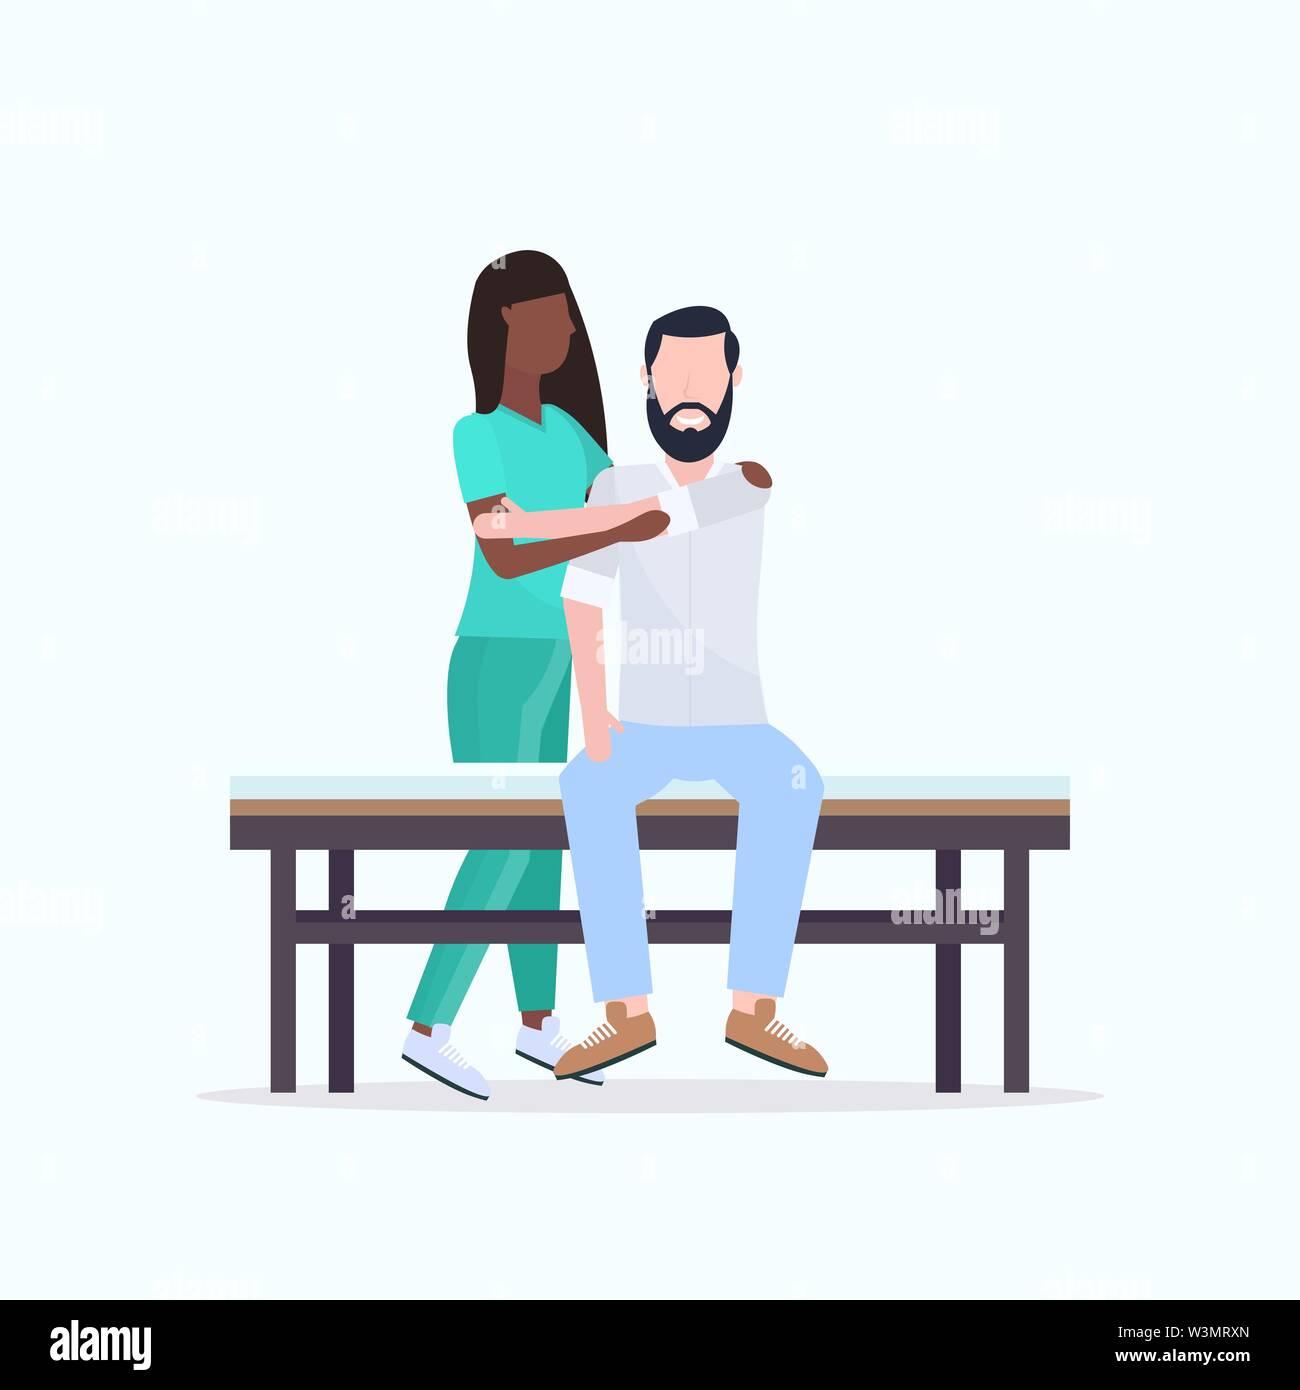 Junge Mann sitzt auf dem Bett afrikanische amerikanische Masseurin Therapeuten in Uniform tun Heilung Massage Körper des Patienten Manuelle Therapie Physiotherapie co Stockbild